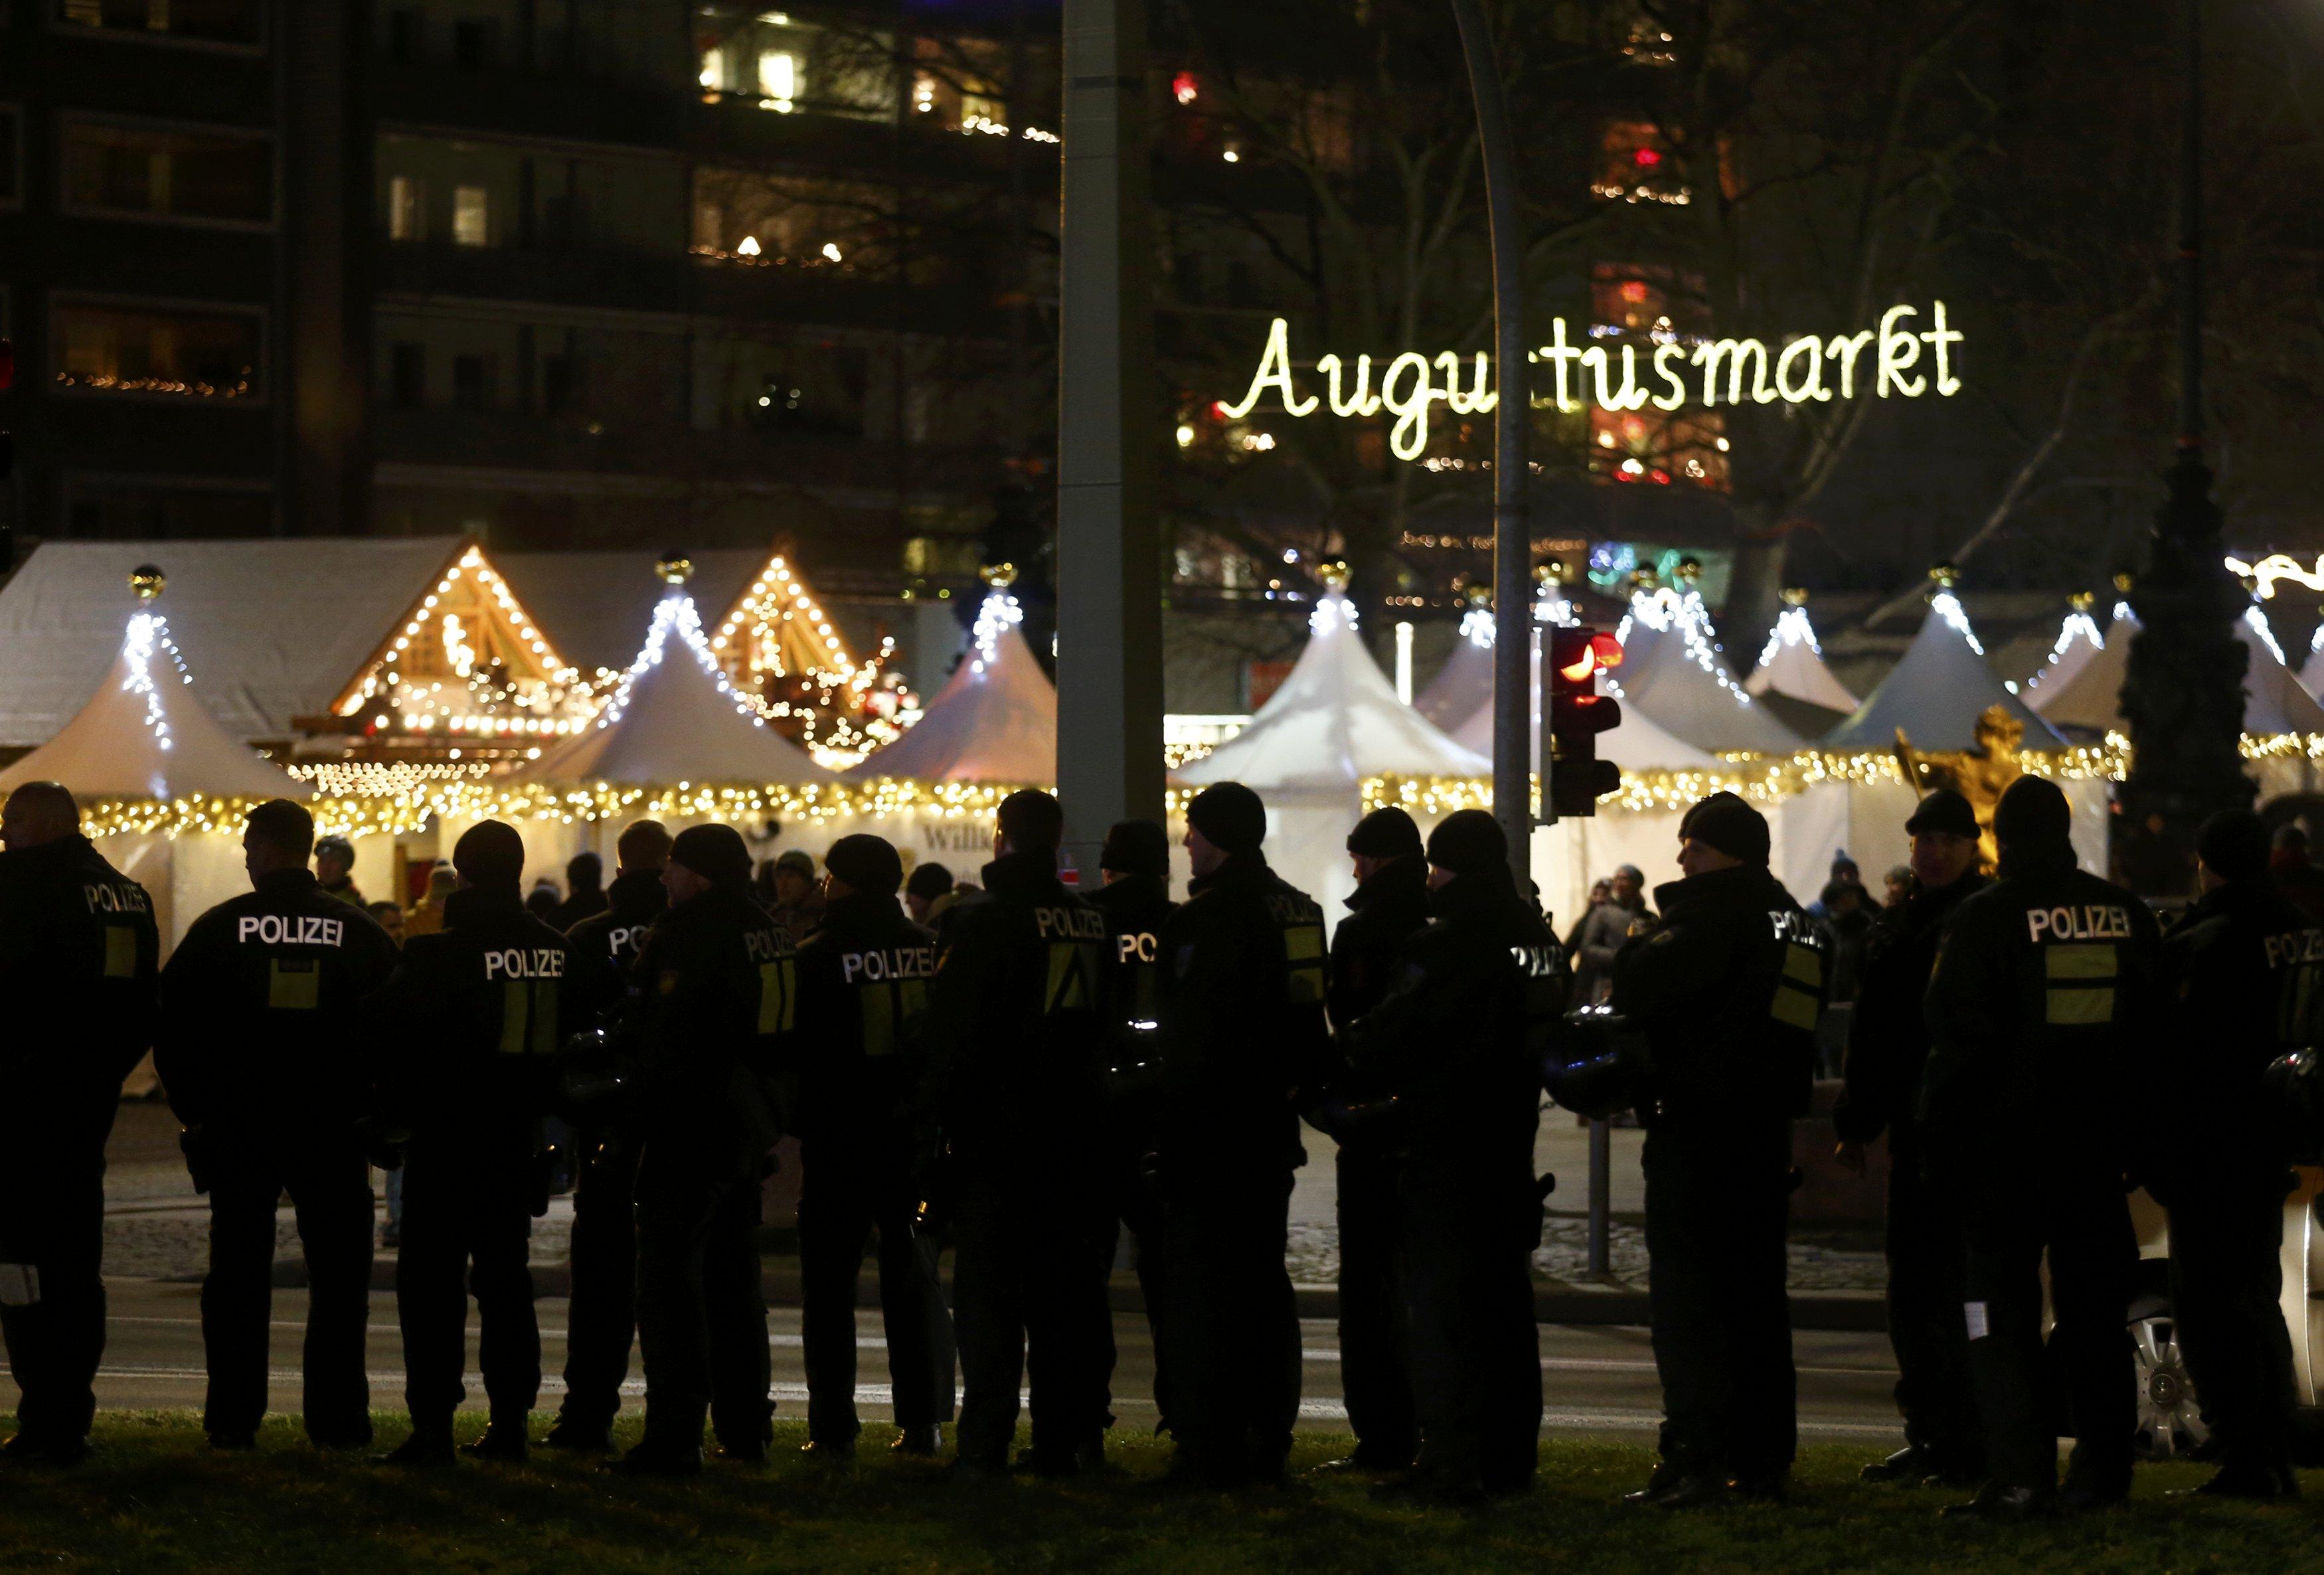 Поліція Німеччини перед Новим роком посилює заходи безпеки